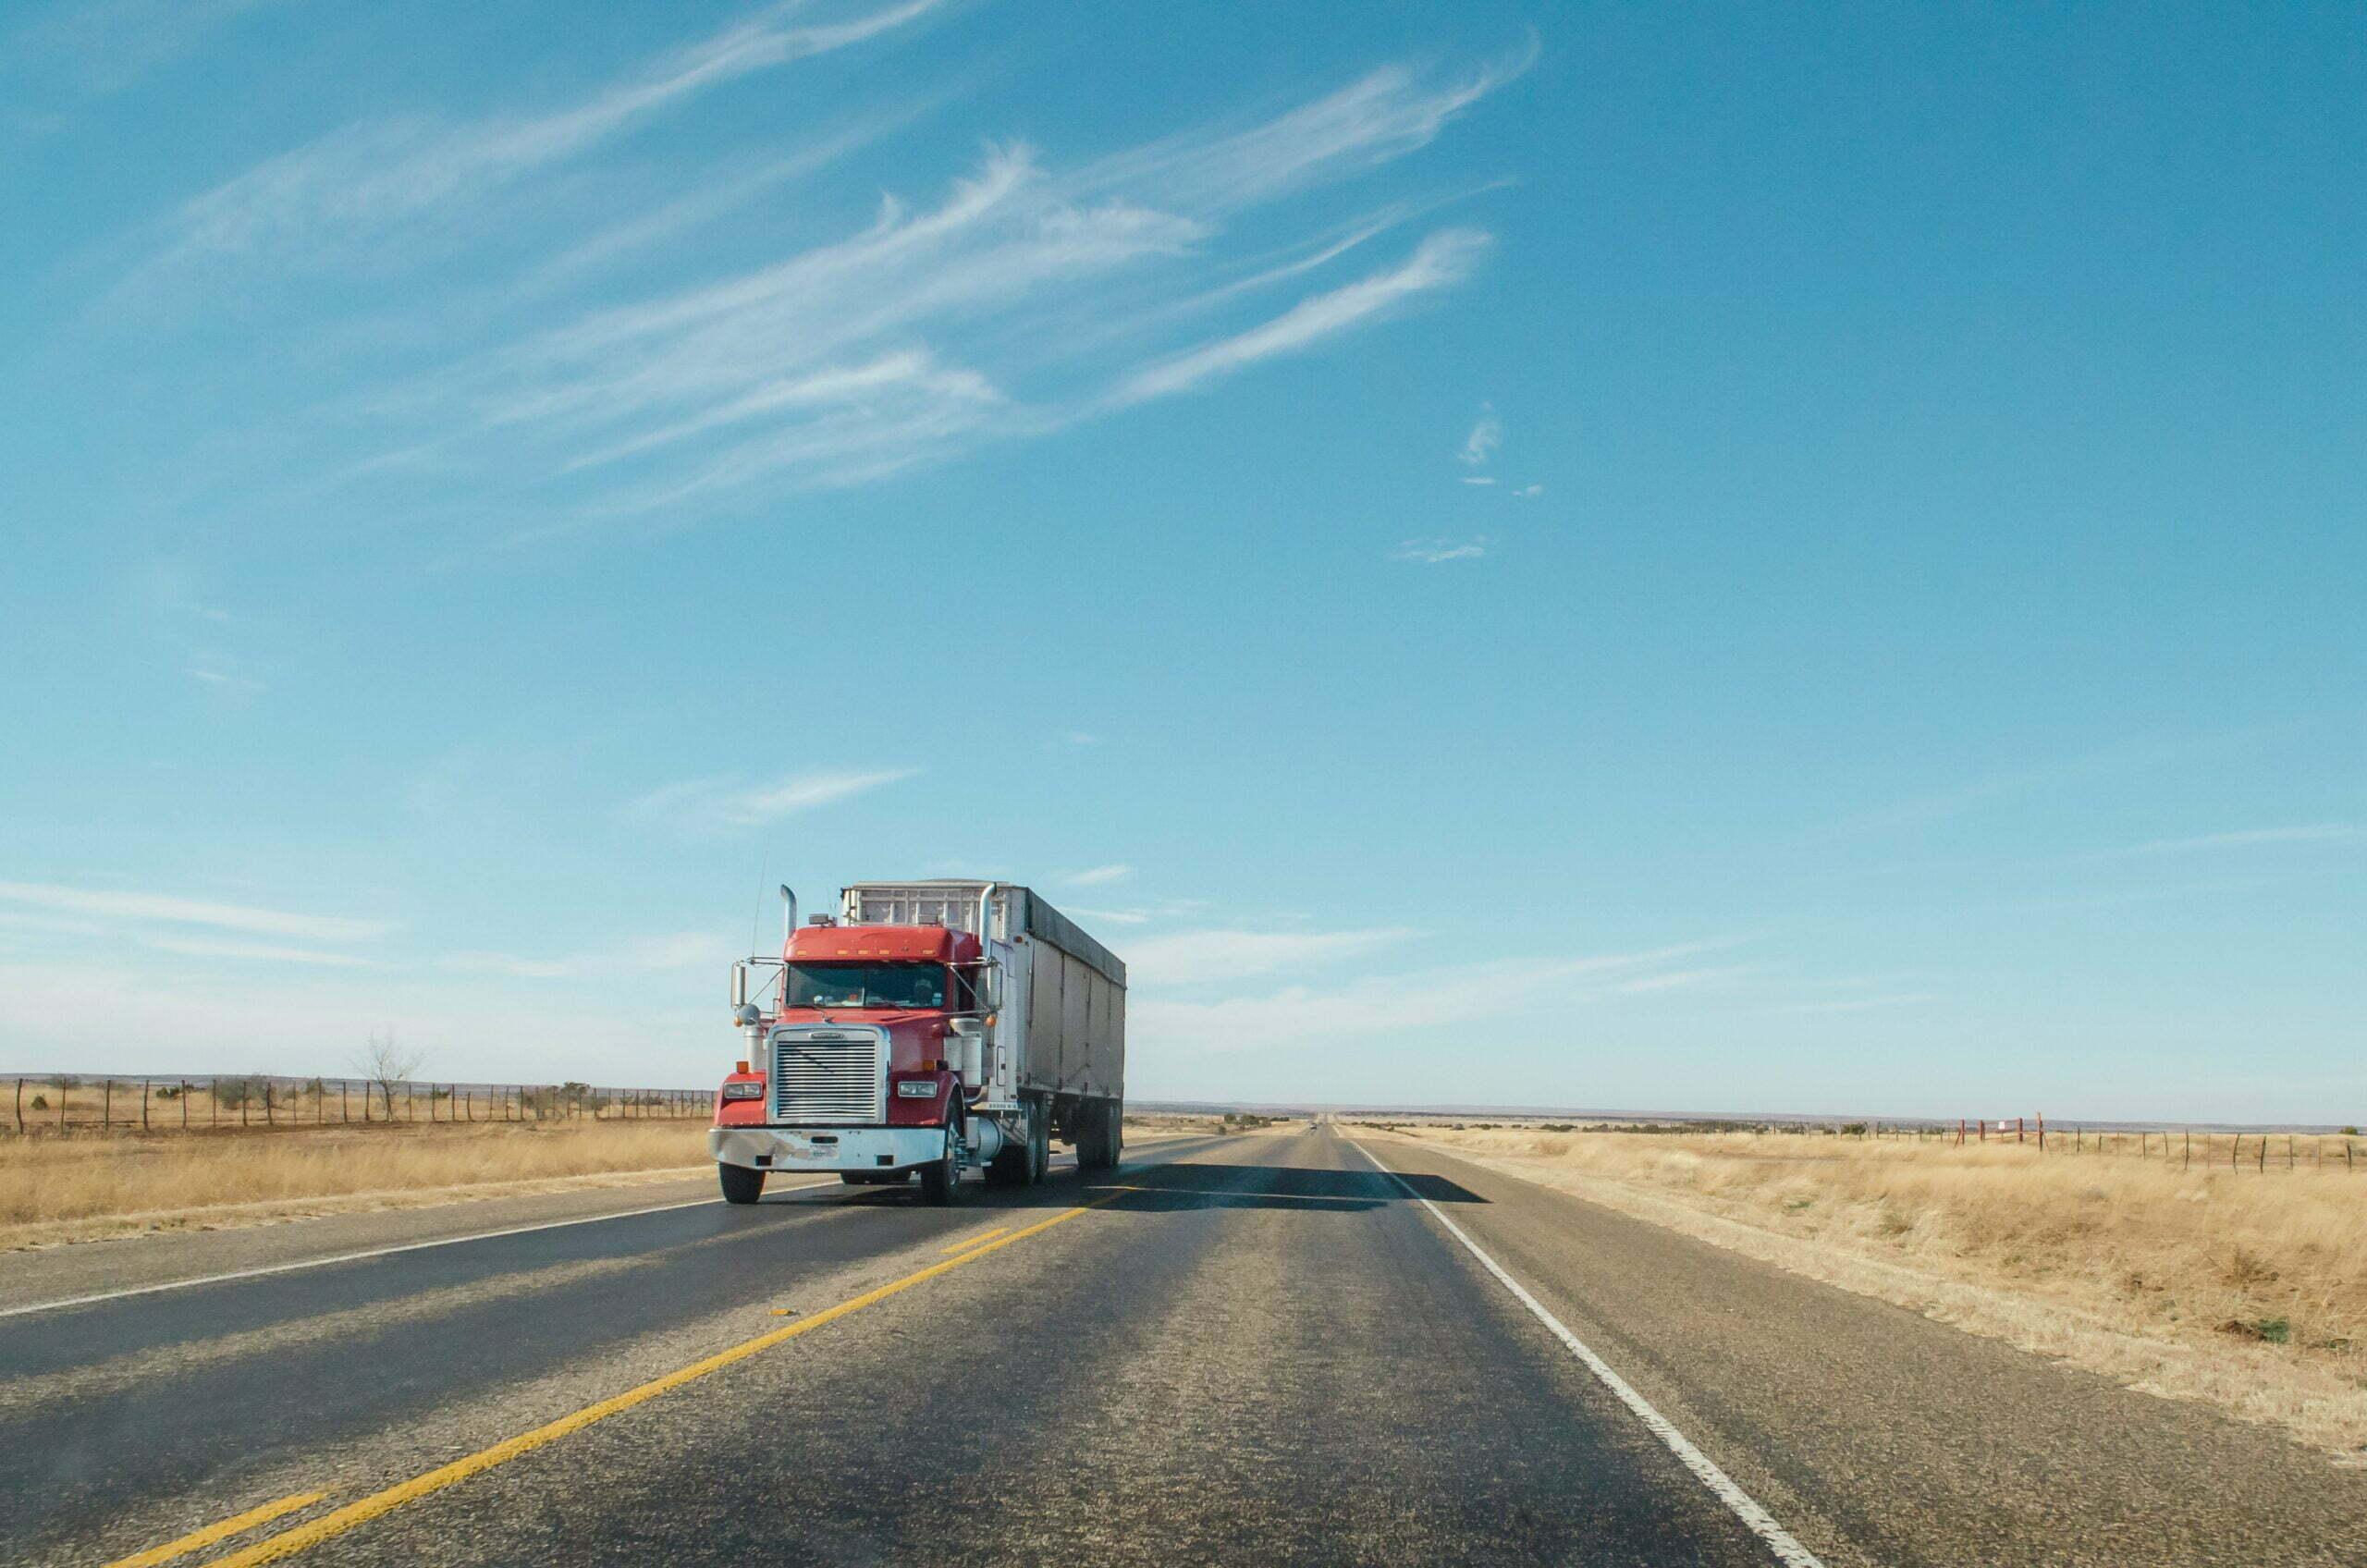 Seguro de carga é obrigatório para transportador e embarcador?